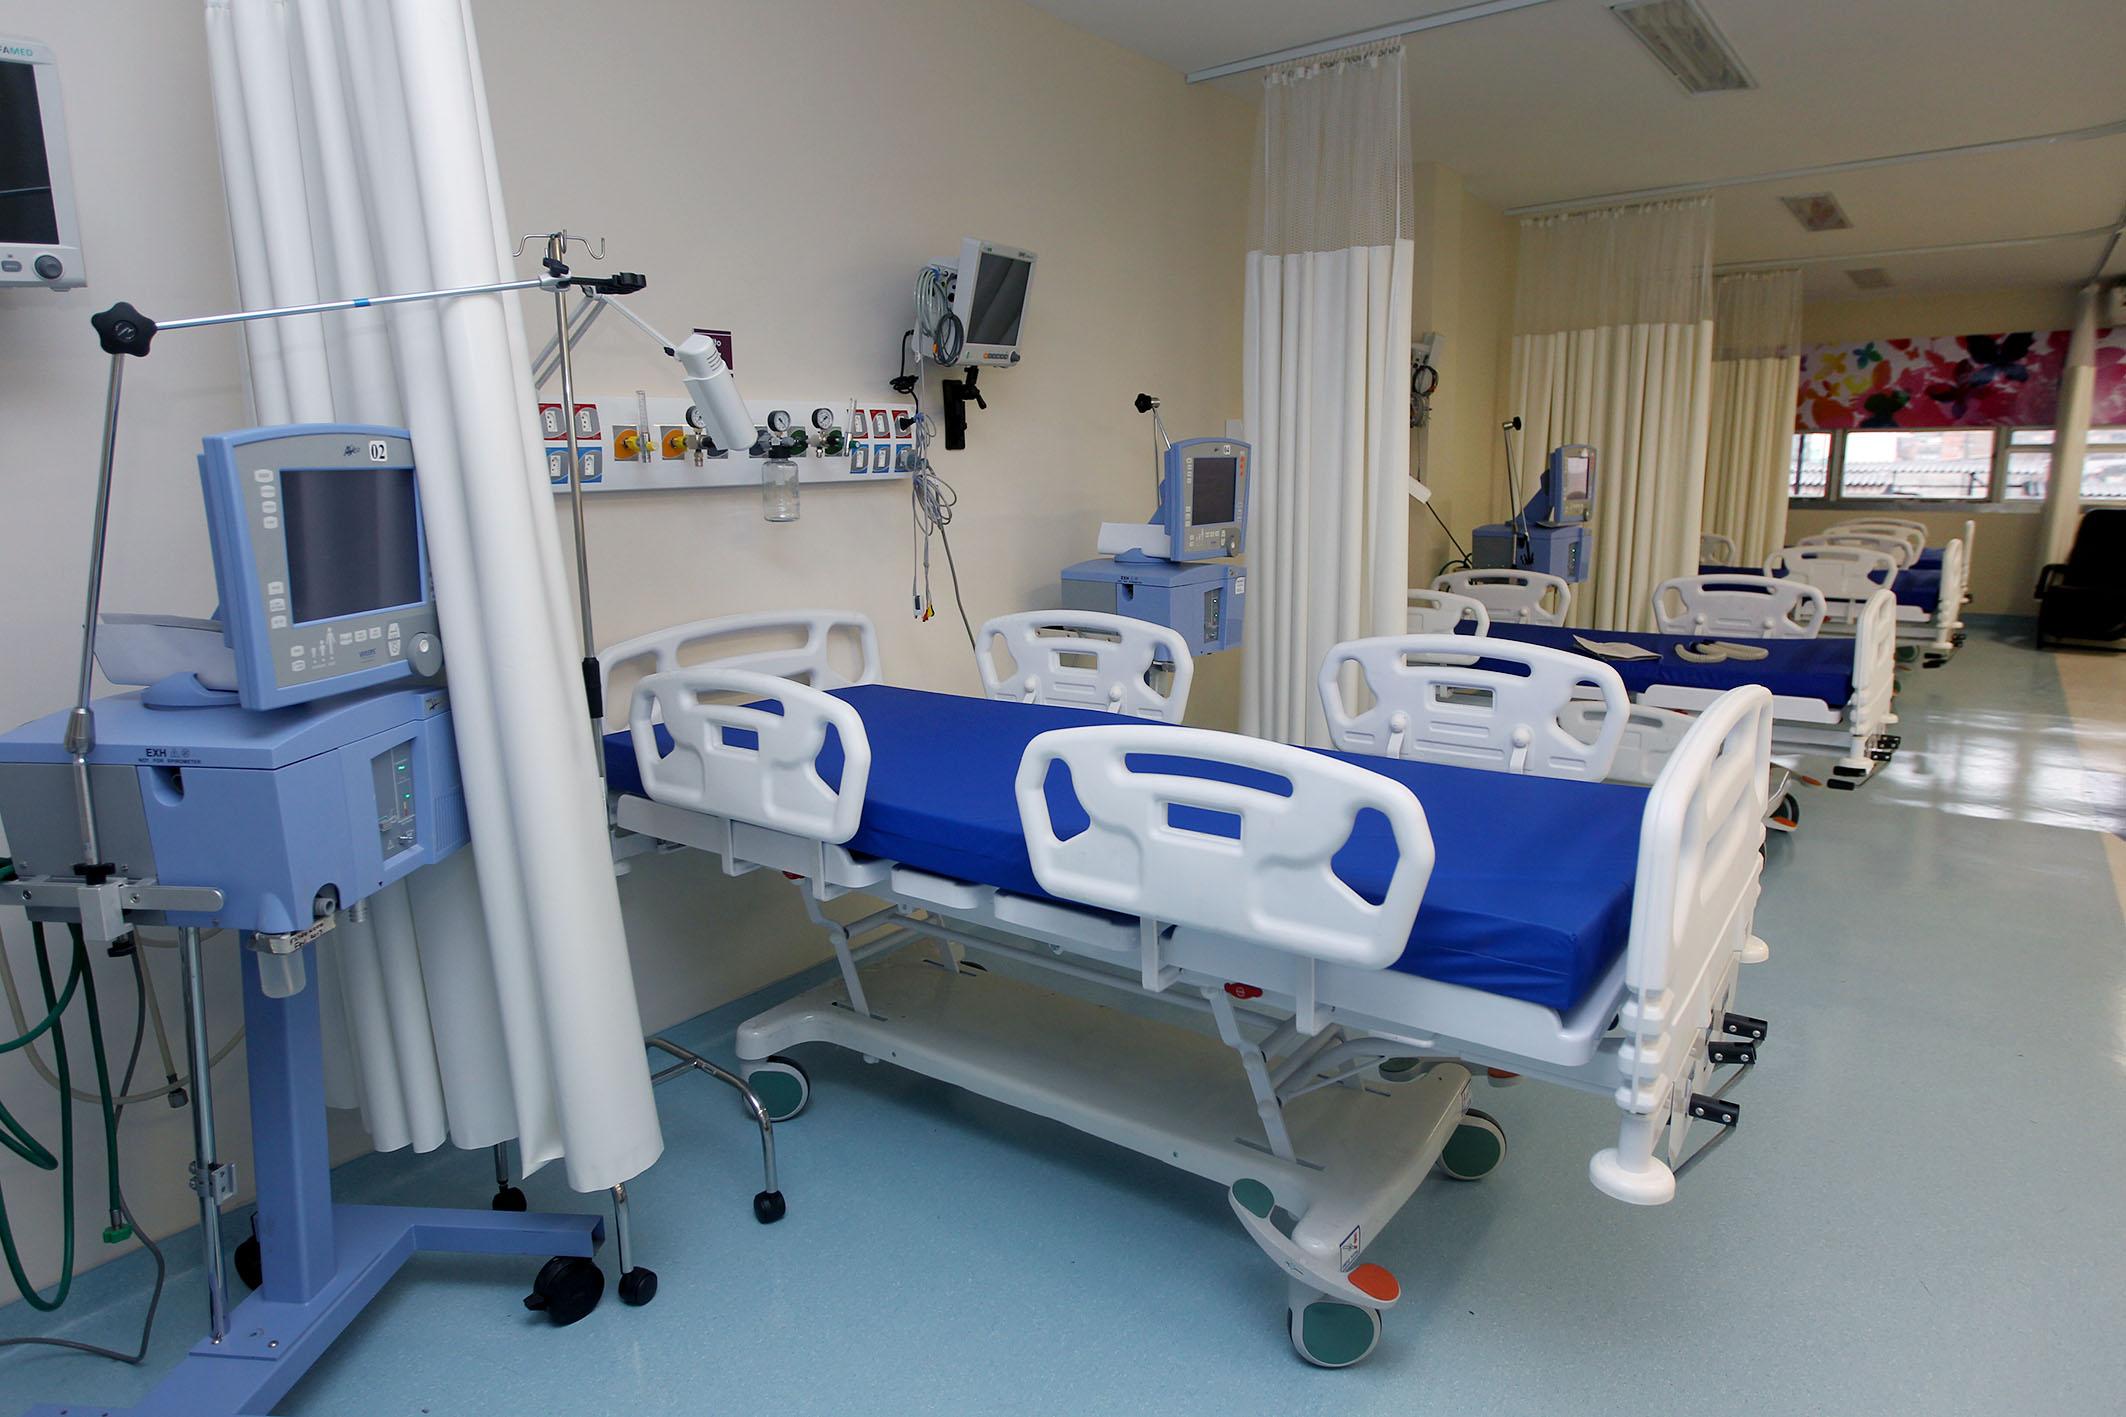 Saúde - hospitais - leitos UTI tratamentos intensivos internações hospitalares vagas pacientes